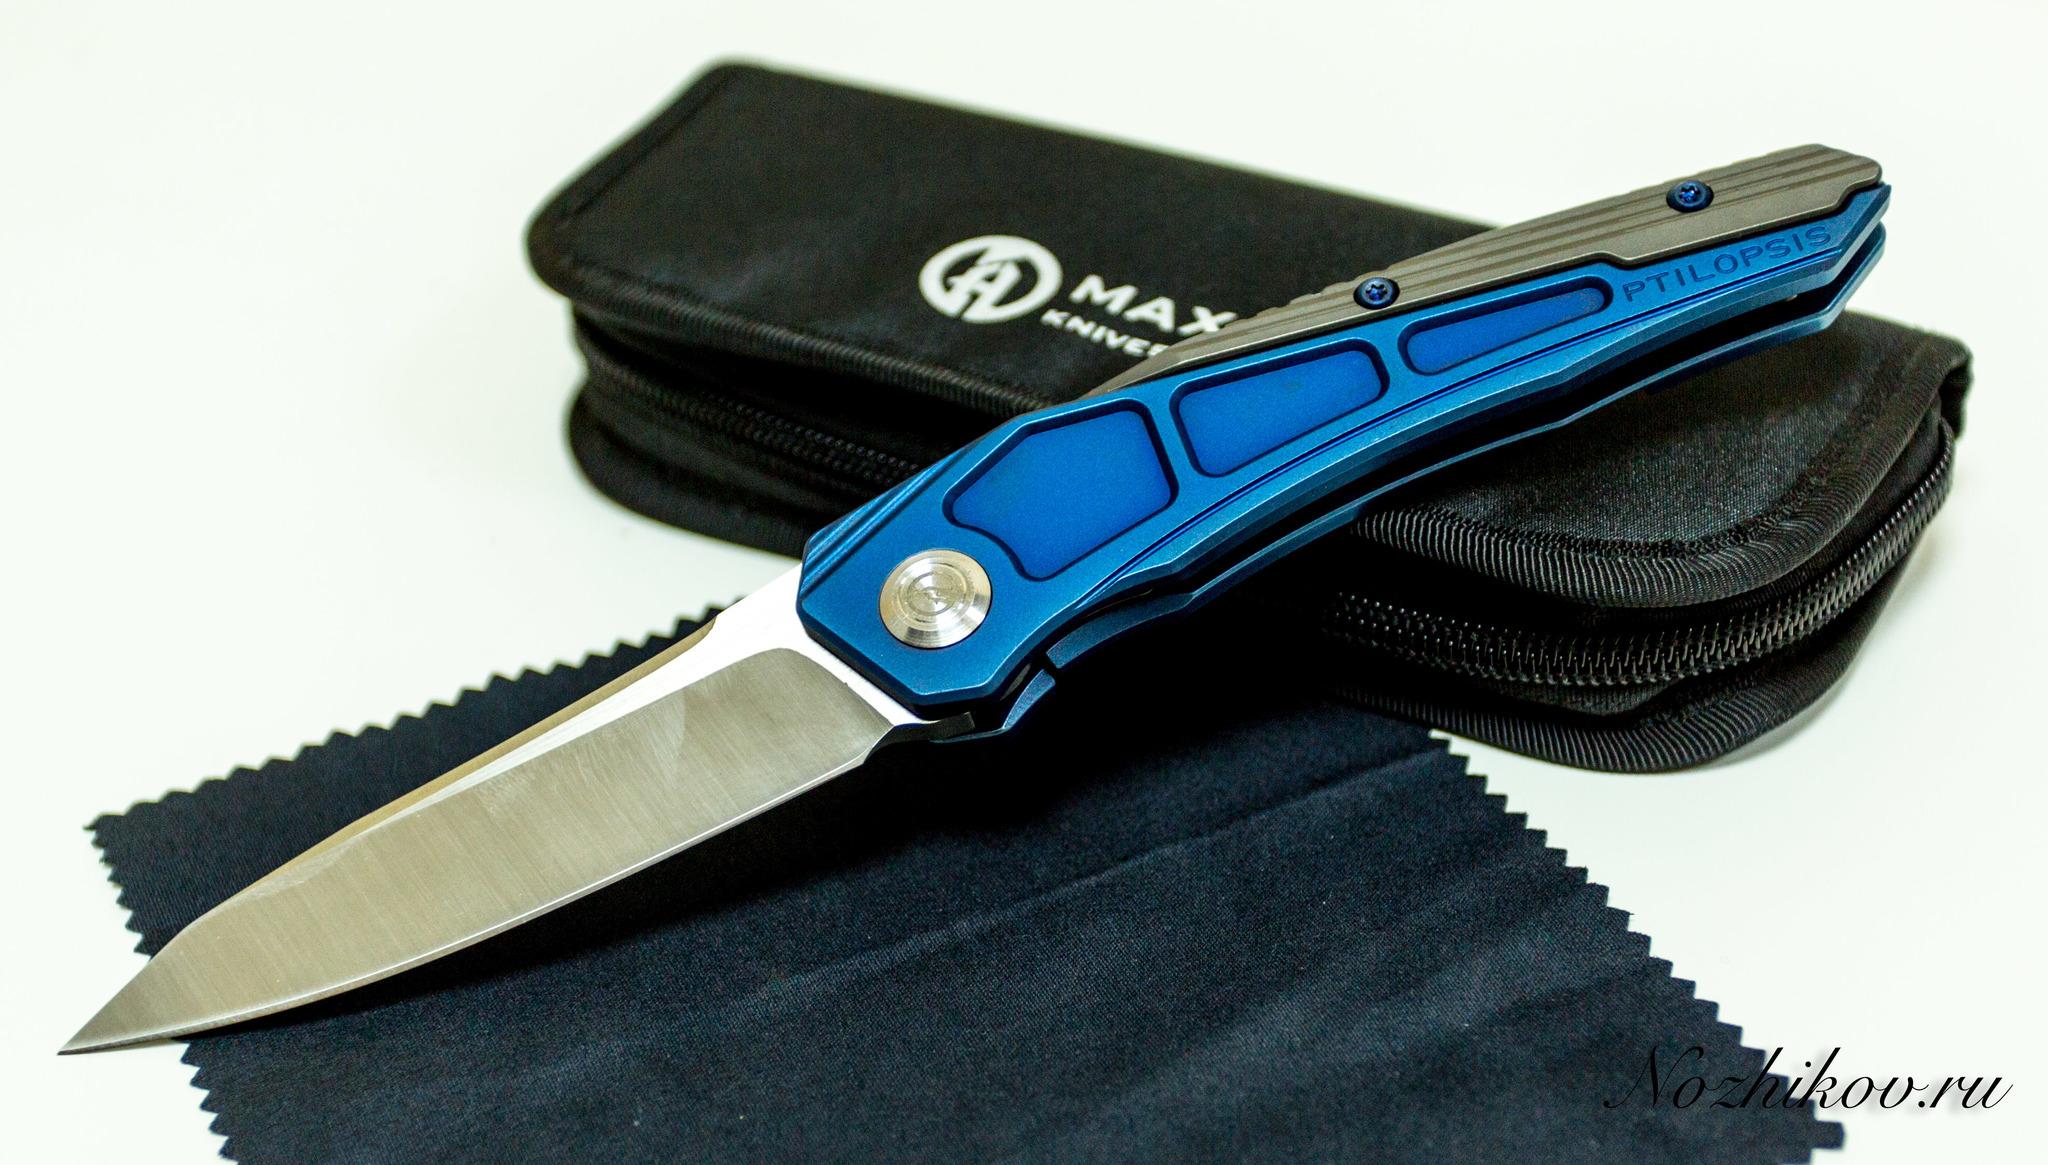 Складной нож Maxace Ptilopsis сталь M390Раскладные ножи<br>СКЛАДНОЙ НОЖ MAXACE PTILOPSIS СТАЛЬ M390 сочетает в себе инновационные материалы, современный дизайн и максимально брутальный внешний вид. Такой нож станет звездой в любой коллекции. Нож можно носить при себе, или можно поместить на коллекционный ложемент и любоваться. Клинок ножа выполнен из порошковой стали высокой твердости, что обеспечивает сохранность режущей кромки в течение длительного времени. Нож легко затачивается до бритвенной остроты. Рукоятка ножа выполнена из облегченного титанового сплава, который используется в космической промышленности.<br>